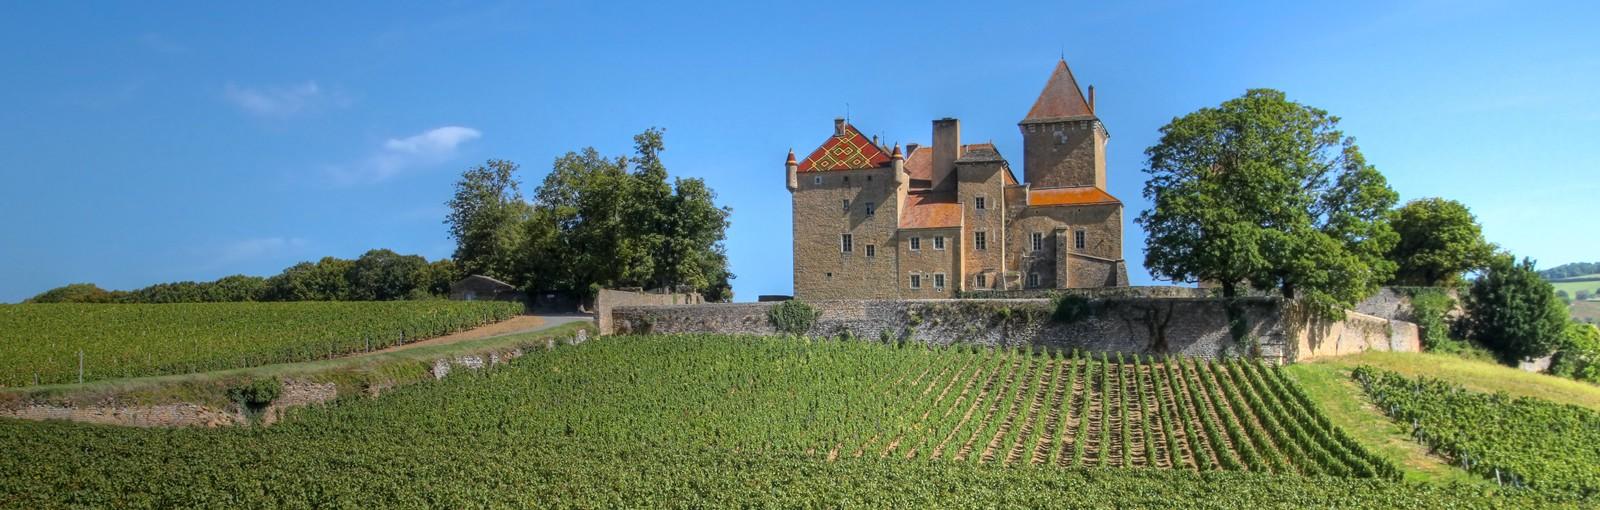 Château privé recevant des hôtes